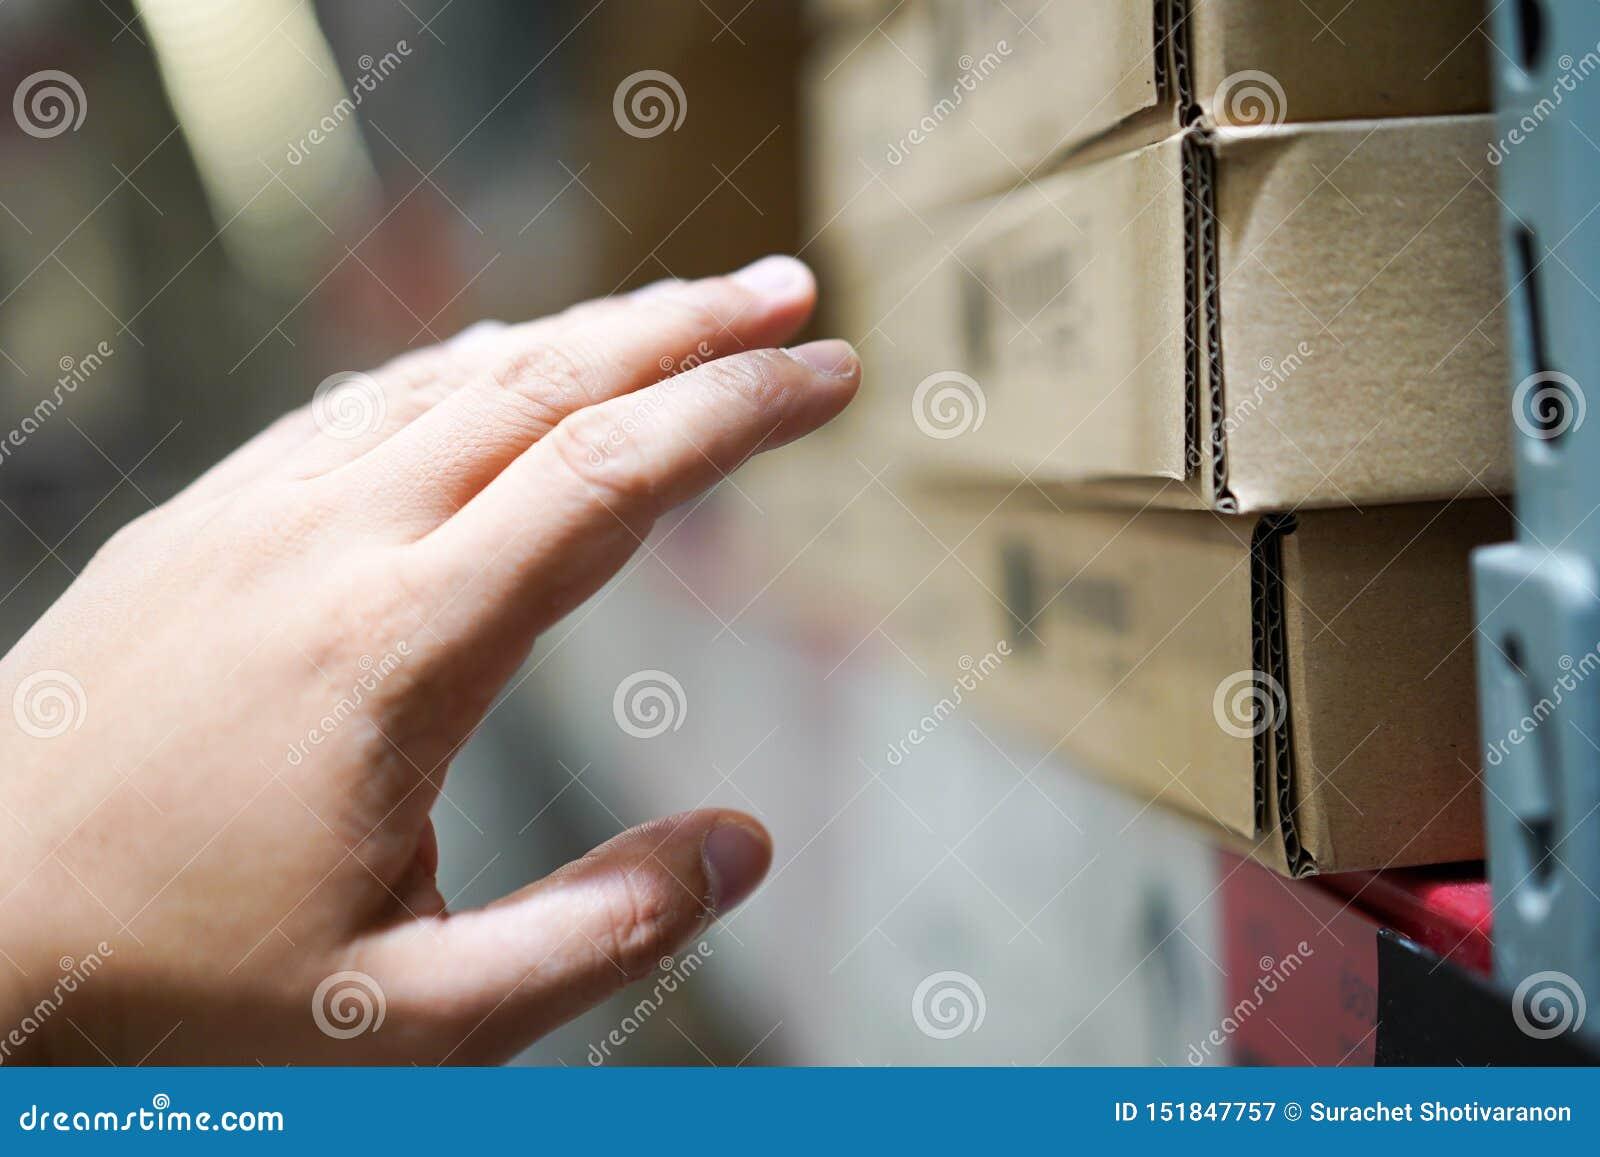 Chiuda sull uomo che raggiunge la sua mano a mobilia in una scatola di carta marrone sullo scaffale nel magazzino